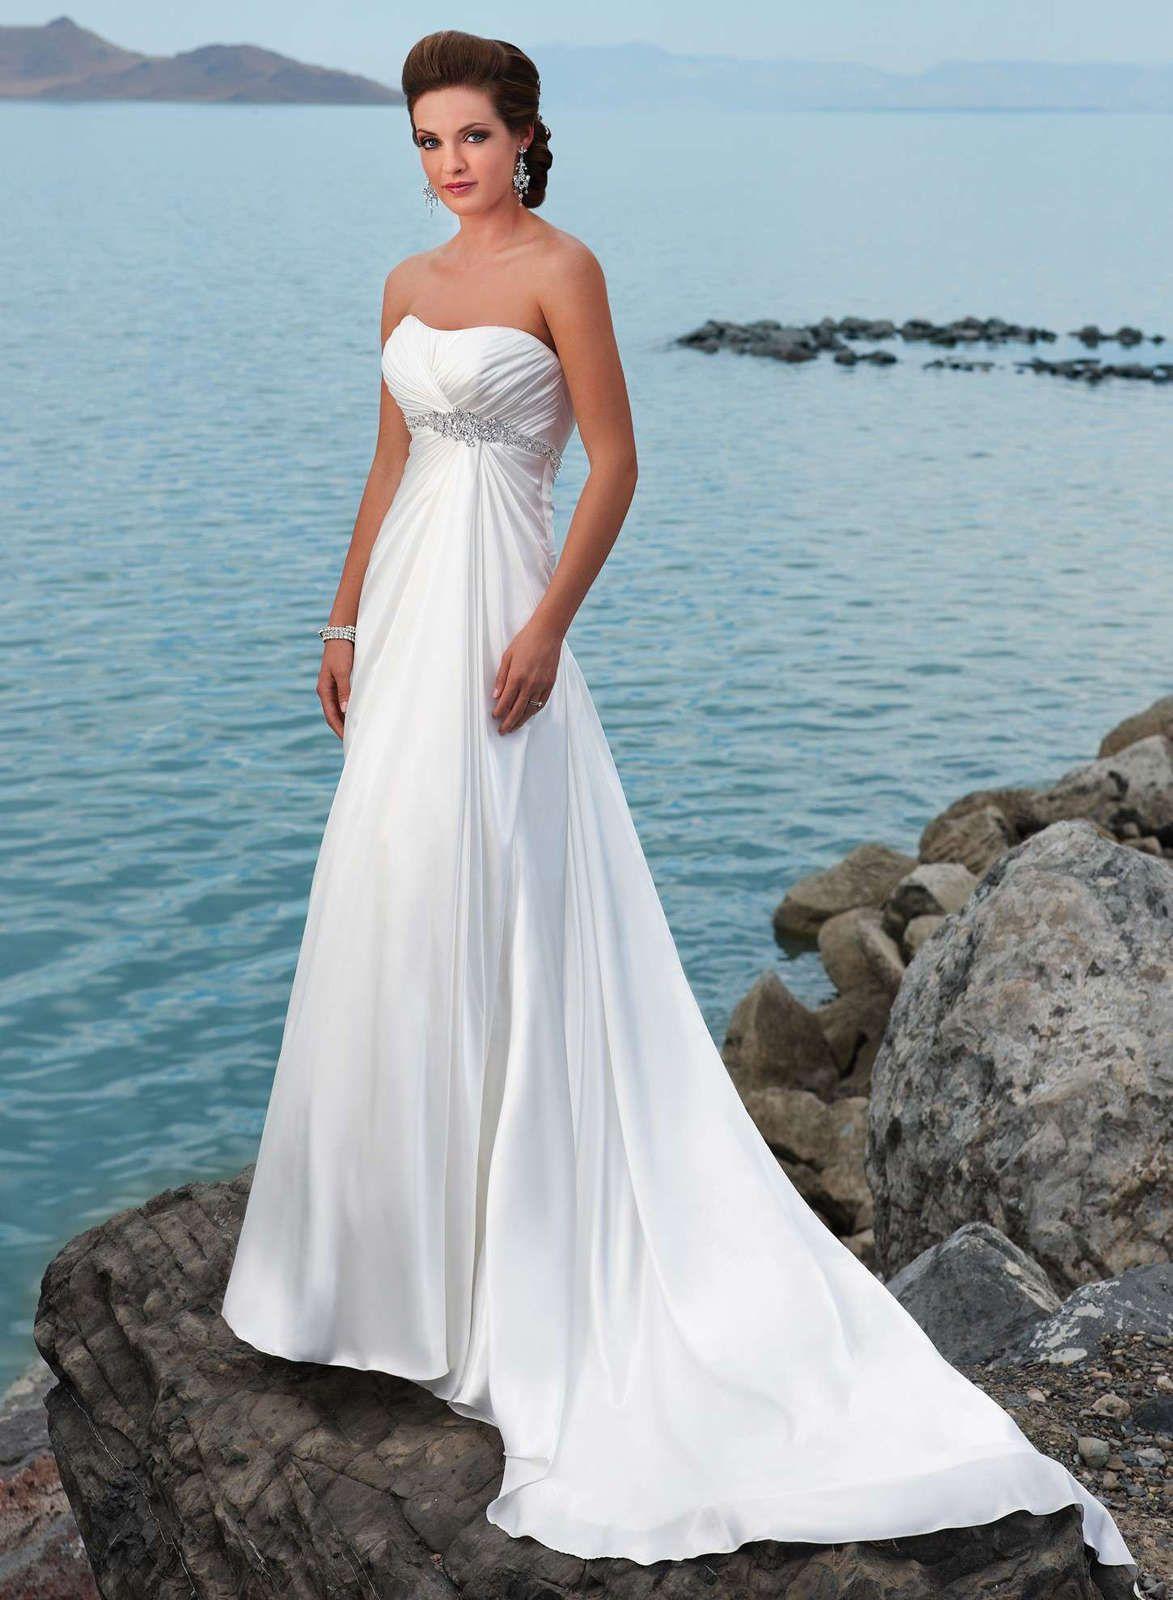 Beach Wedding Dresses Gowns | dress ideas | Pinterest | Beach ...